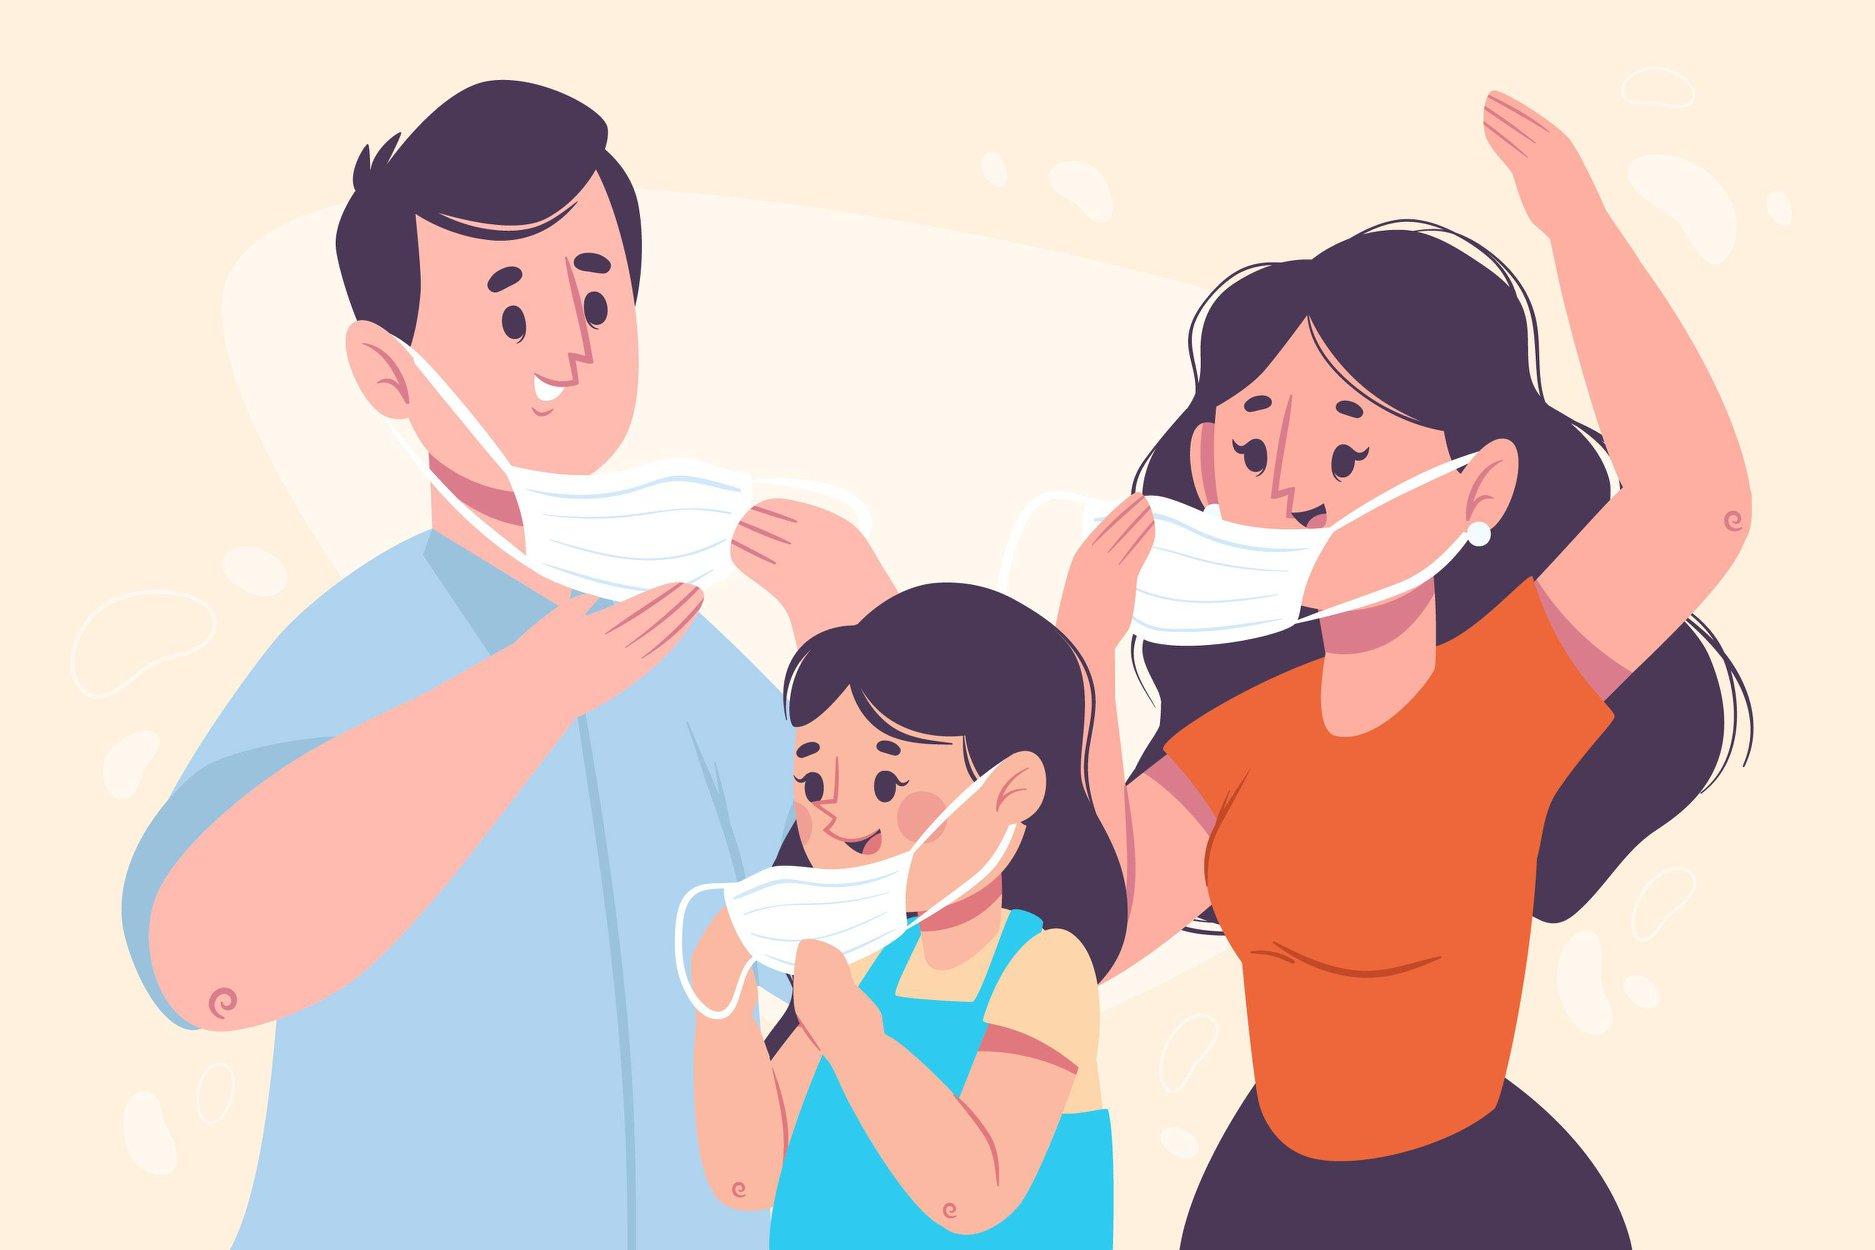 Masques gratuits pour adultes et enfants à récupérer en mairie